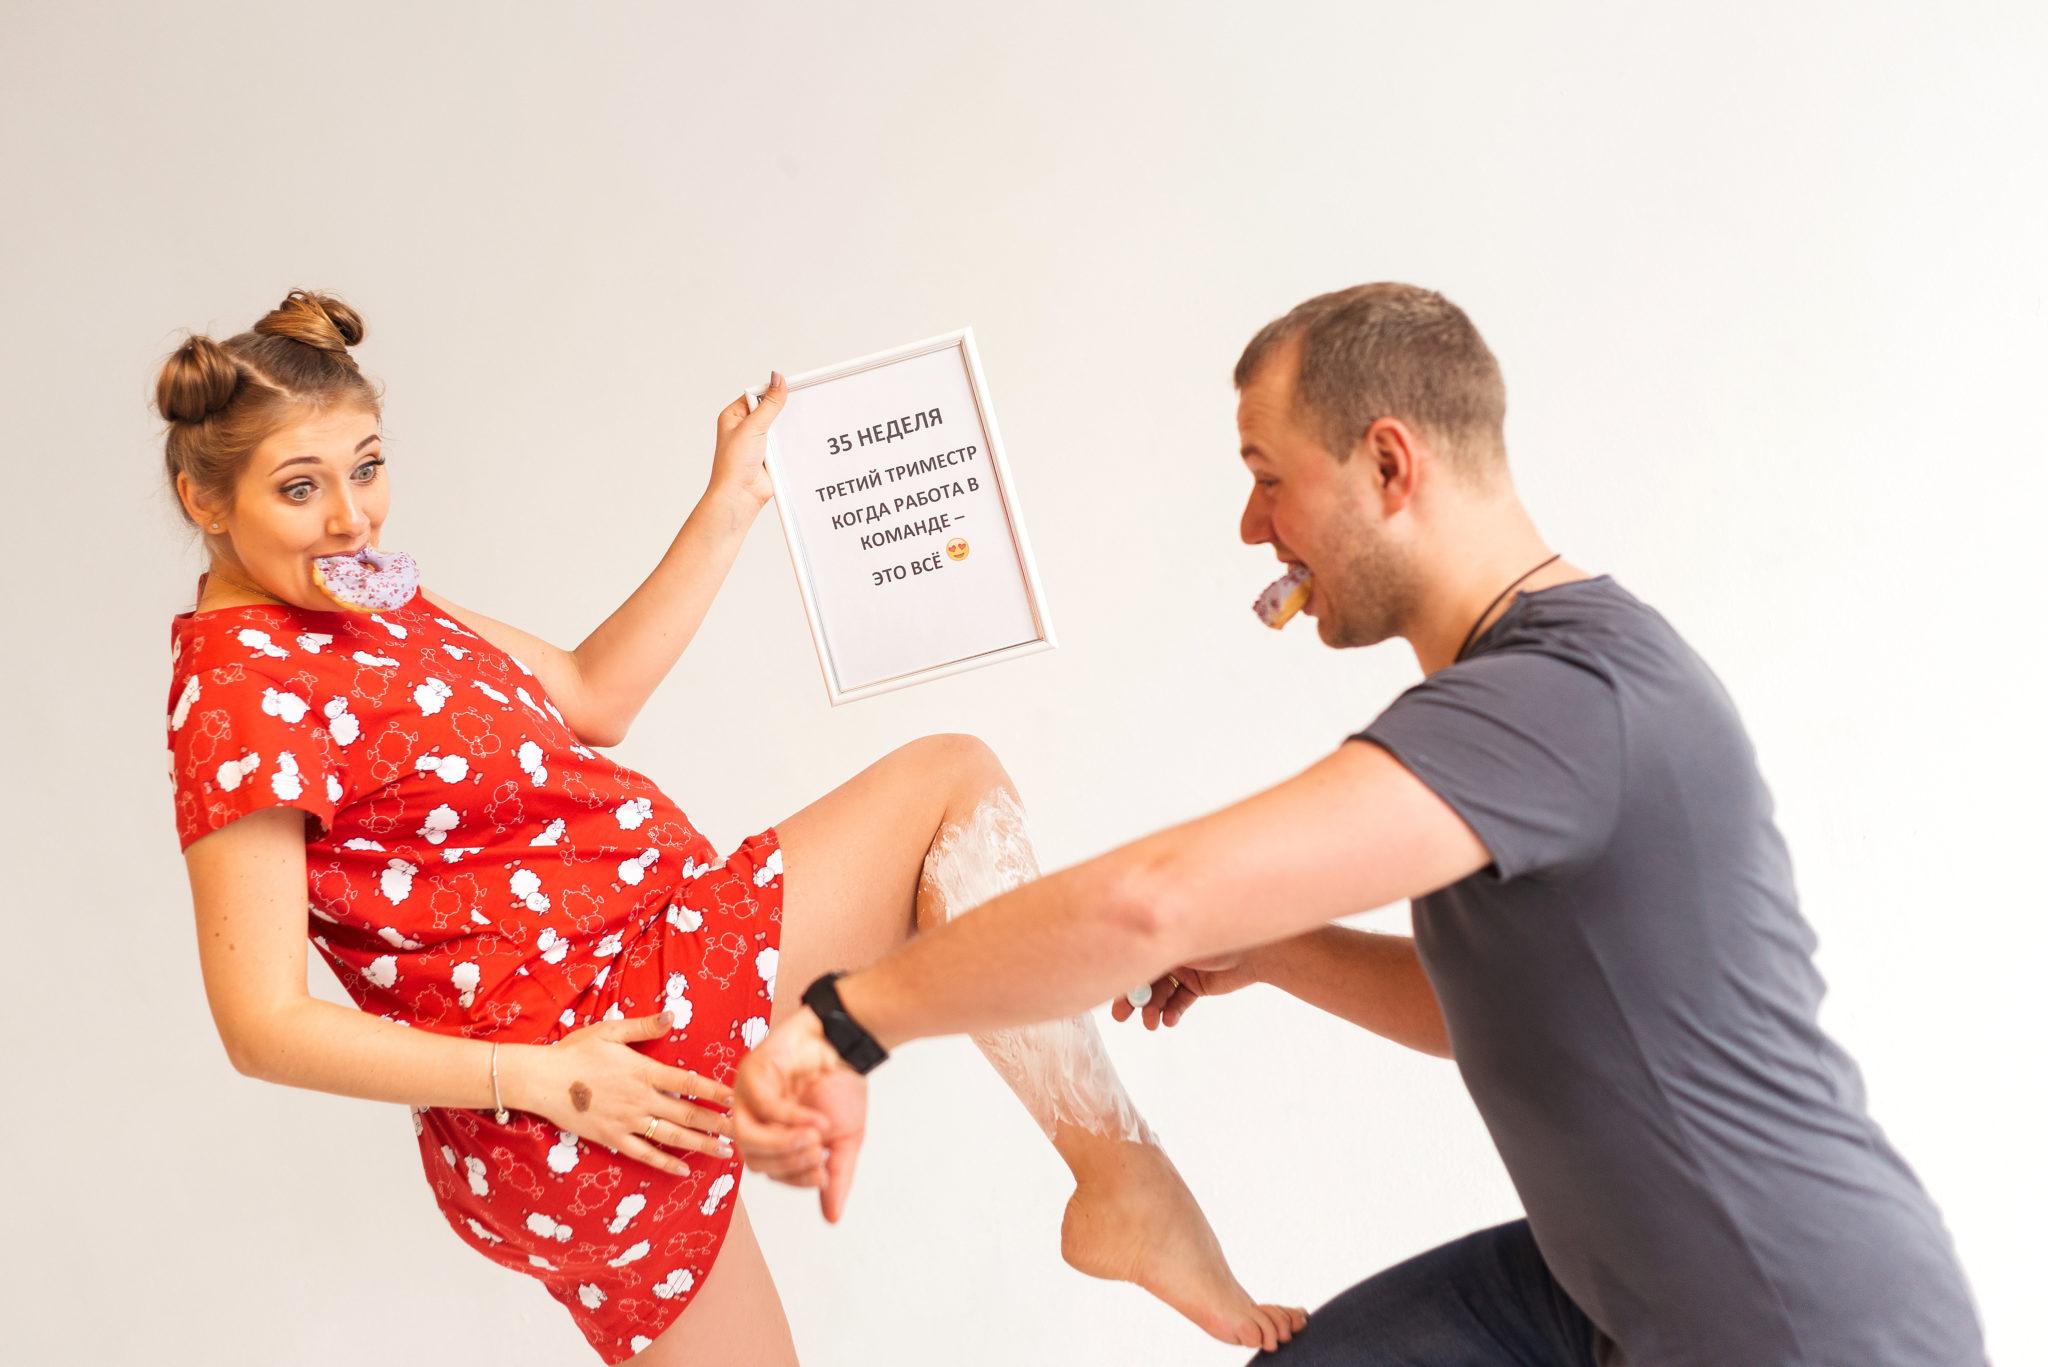 Портфолио фотосессии беременности в студии, фотограф Алиса Постникова, фотография пары, шутливая композиция, цветное фото